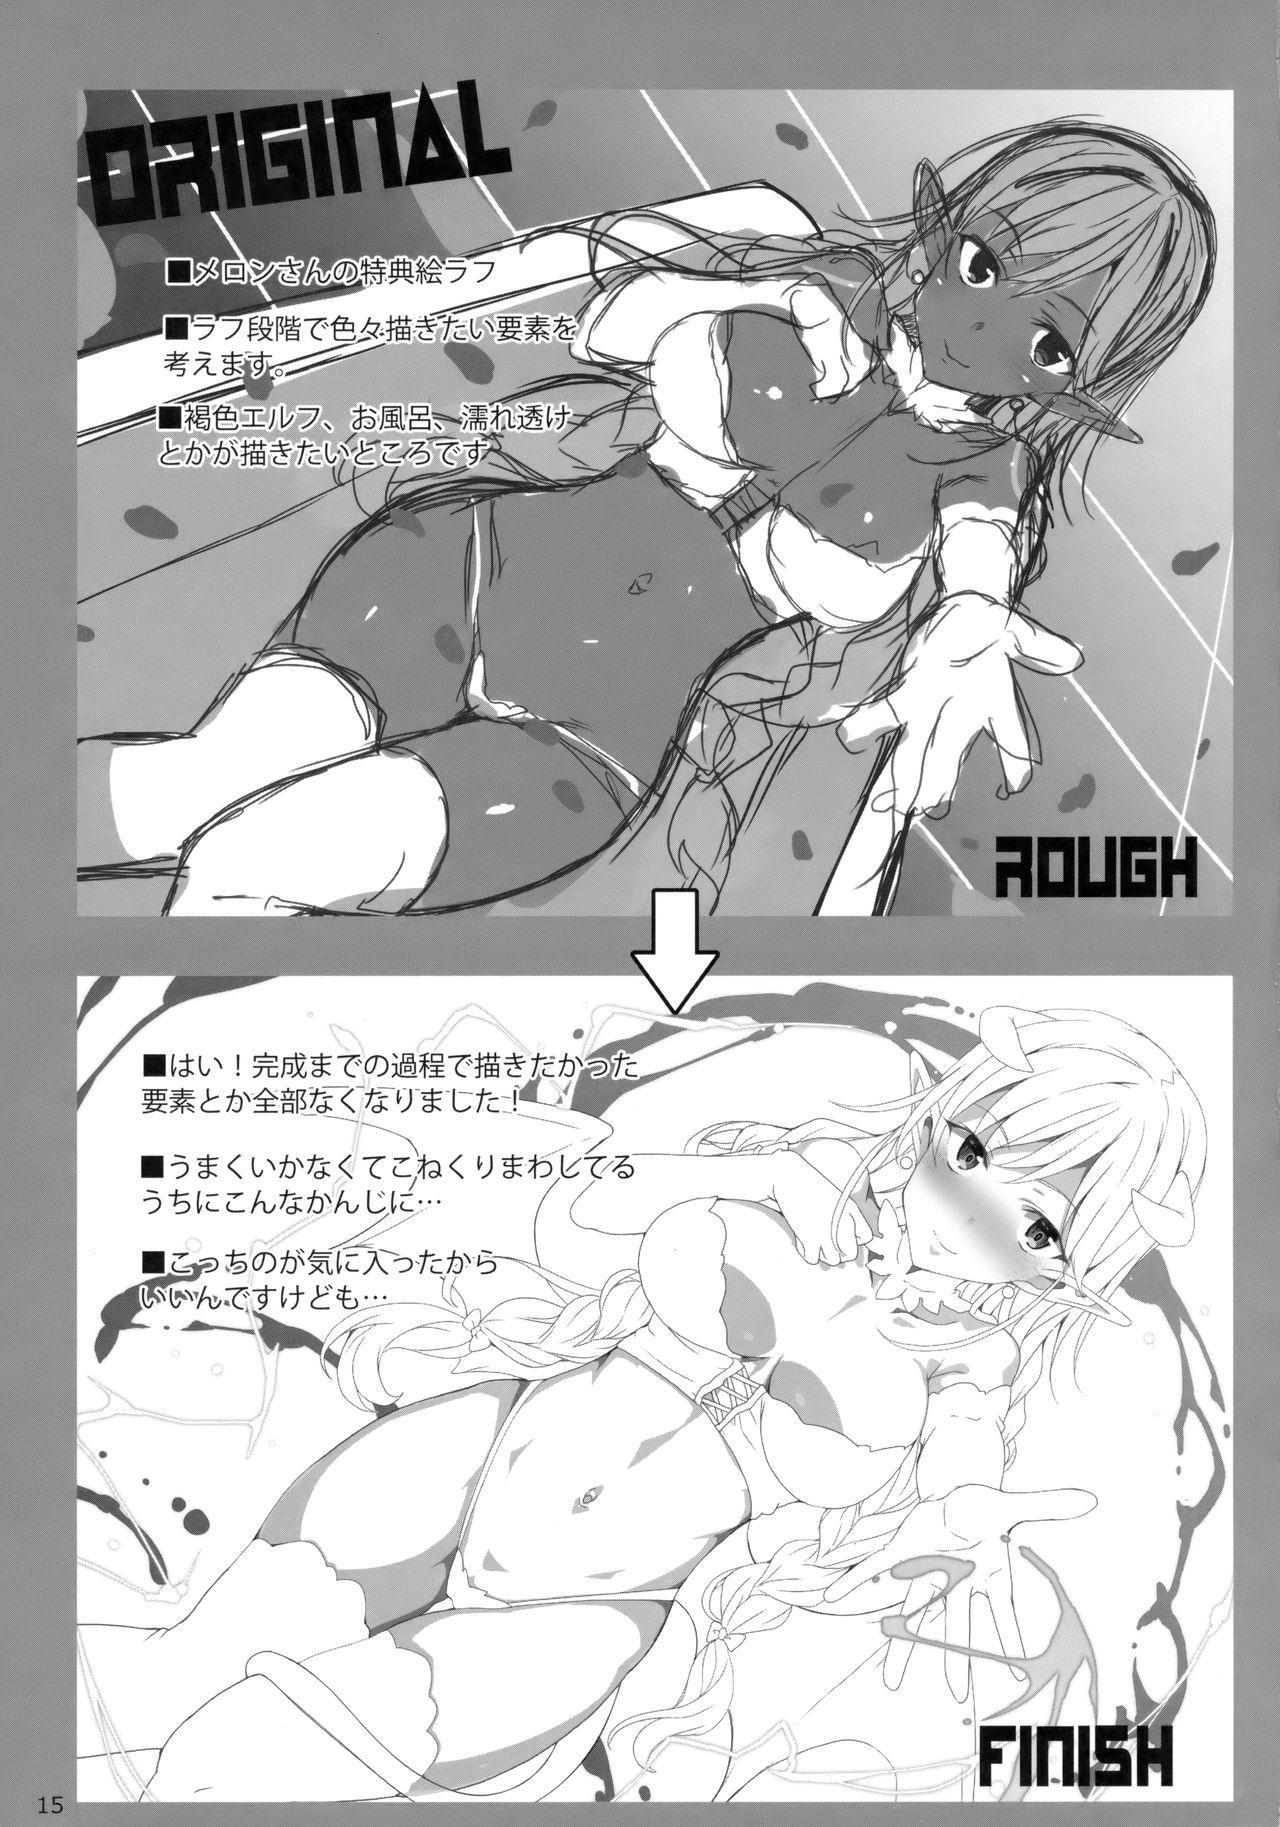 Megami ga Gamble ni Makeru Wake Nai Janai 13